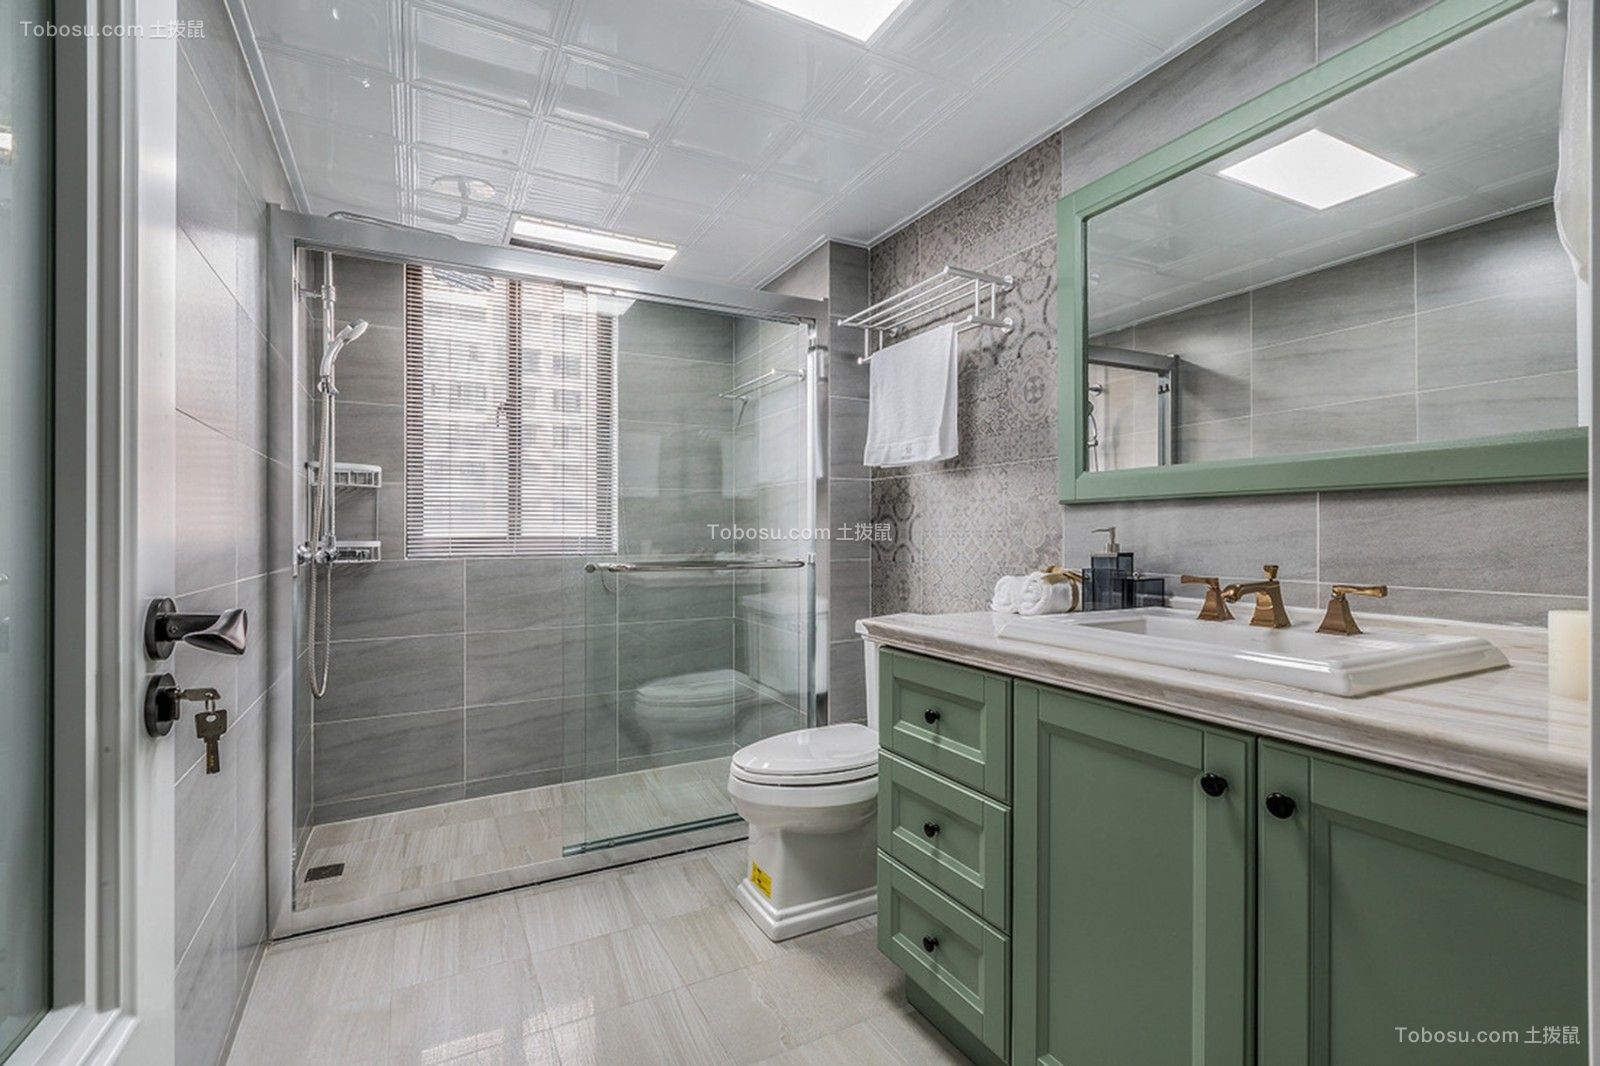 锦绣江南  143平米 美式三居,电视墙太个性,餐厅阳台设吧台,漂亮又实用!